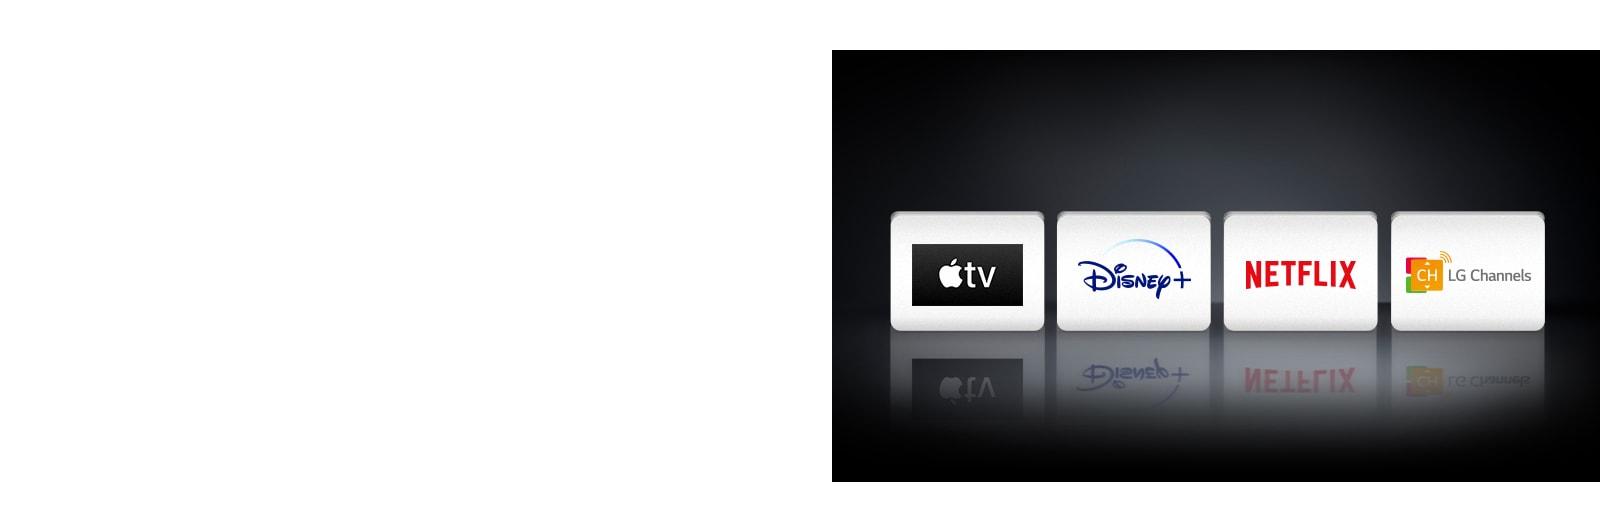 Τέσσερα λογότυπα εφαρμογών από αριστερά προς τα δεξιά: Apple TV, Disney+, Netflix και LG Channels.*Η υποστηριζόμενη υπηρεσία μπορεί να διαφέρει ανά χώρα.